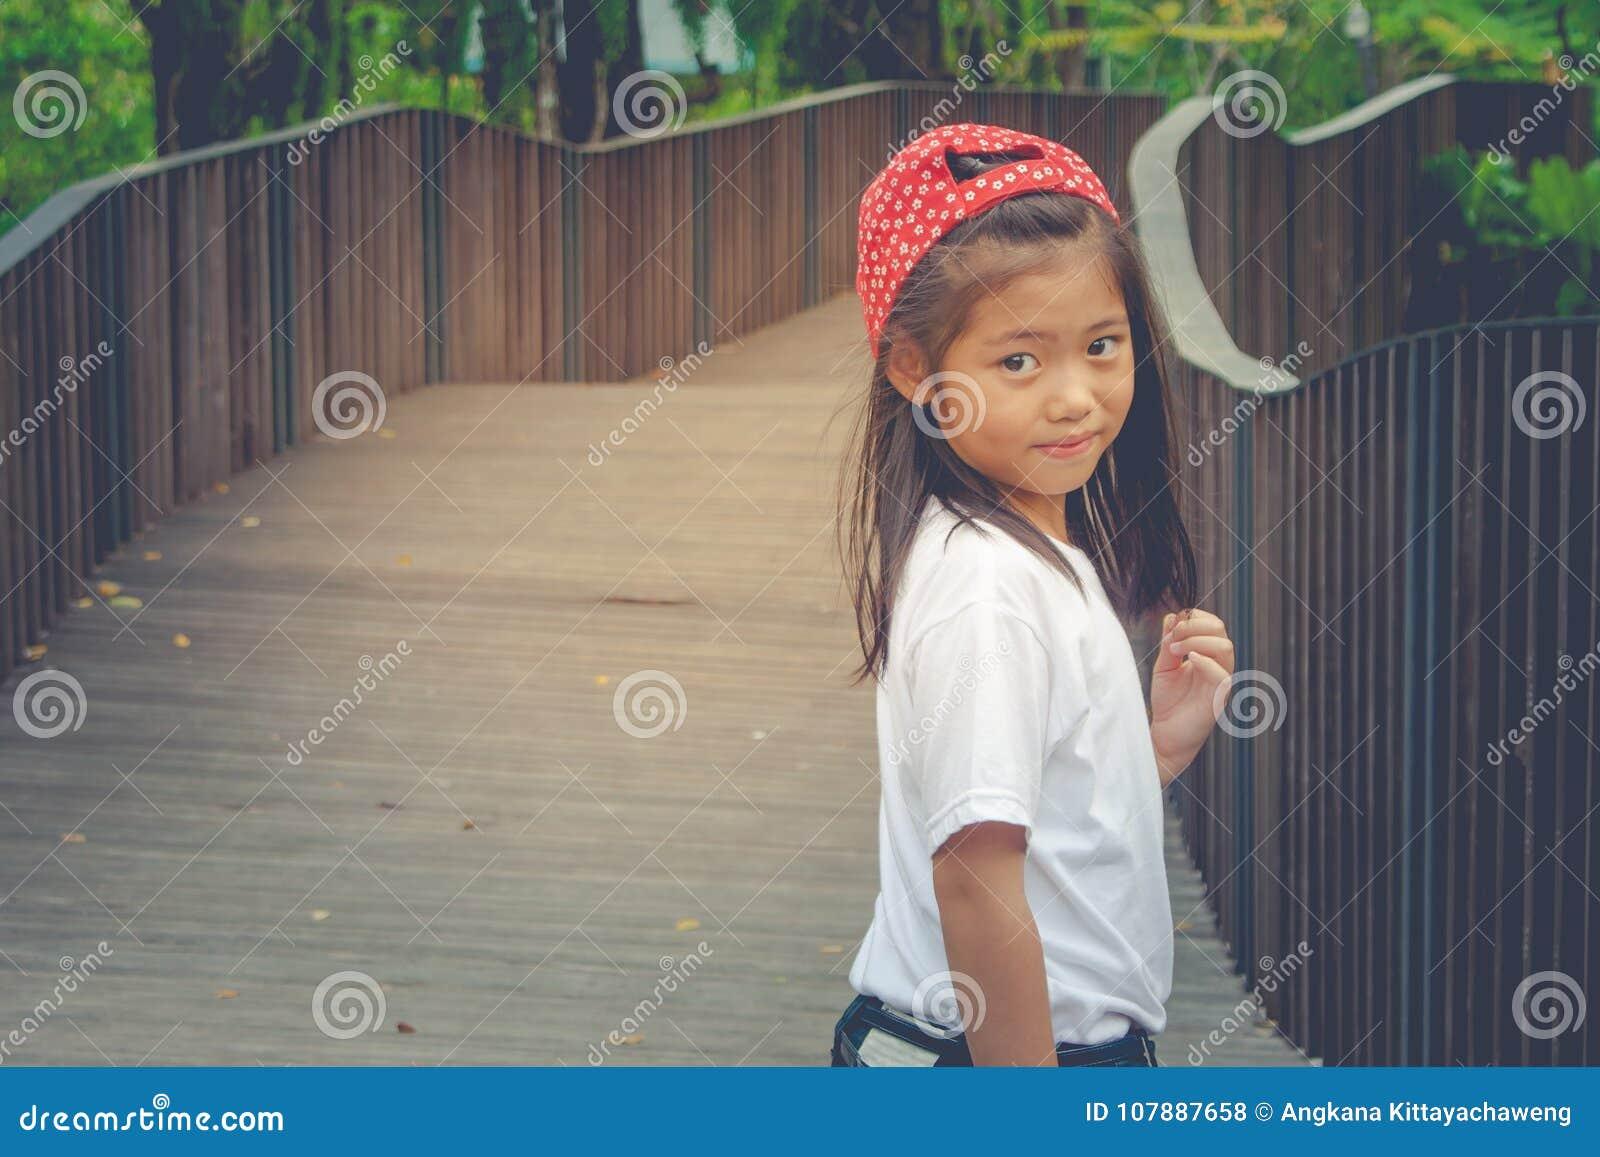 Dispare na menina bonito asiática que está na felicidade walway e sentindo de madeira